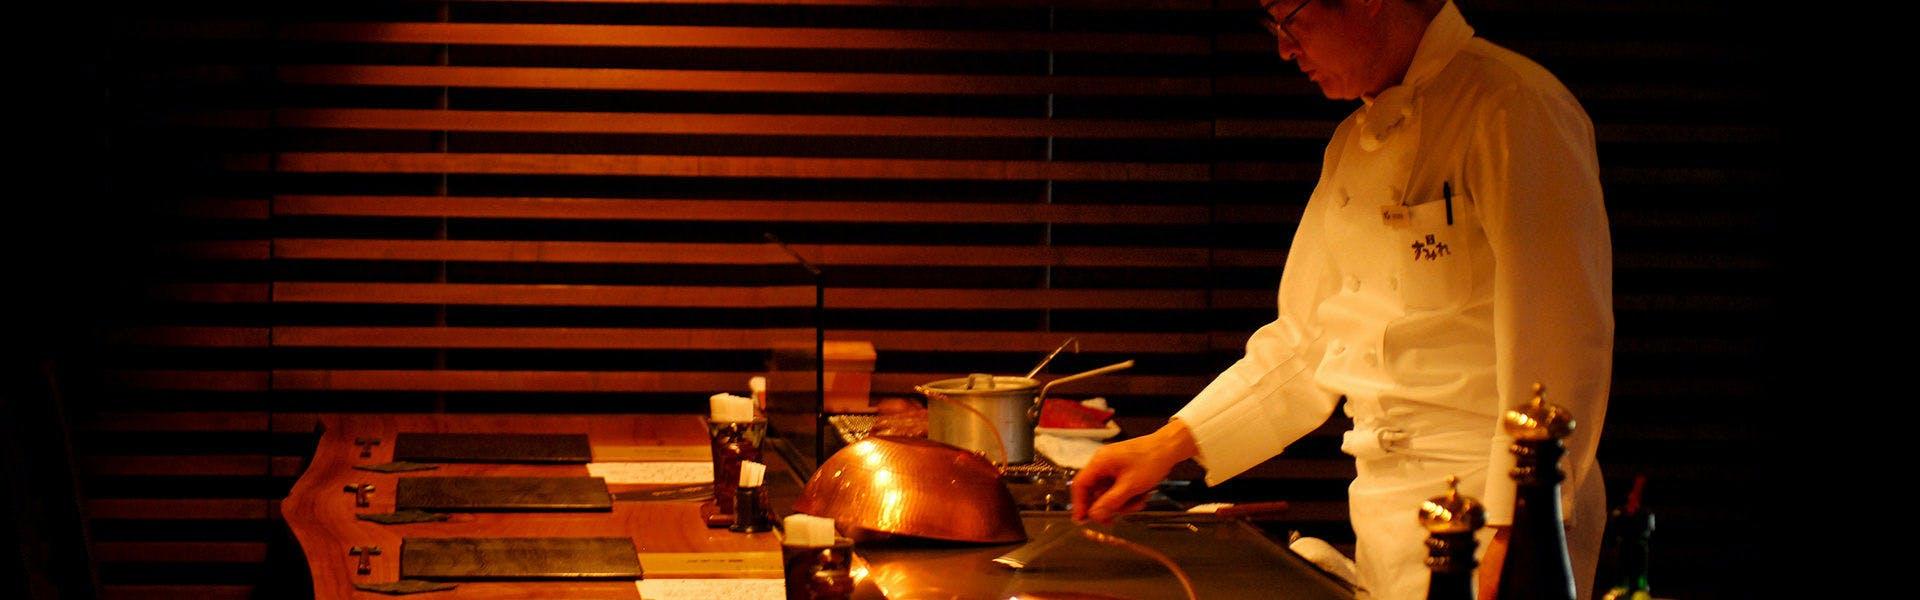 記念日におすすめのホテル・【湯の沢温泉 時の宿すみれ】の写真3